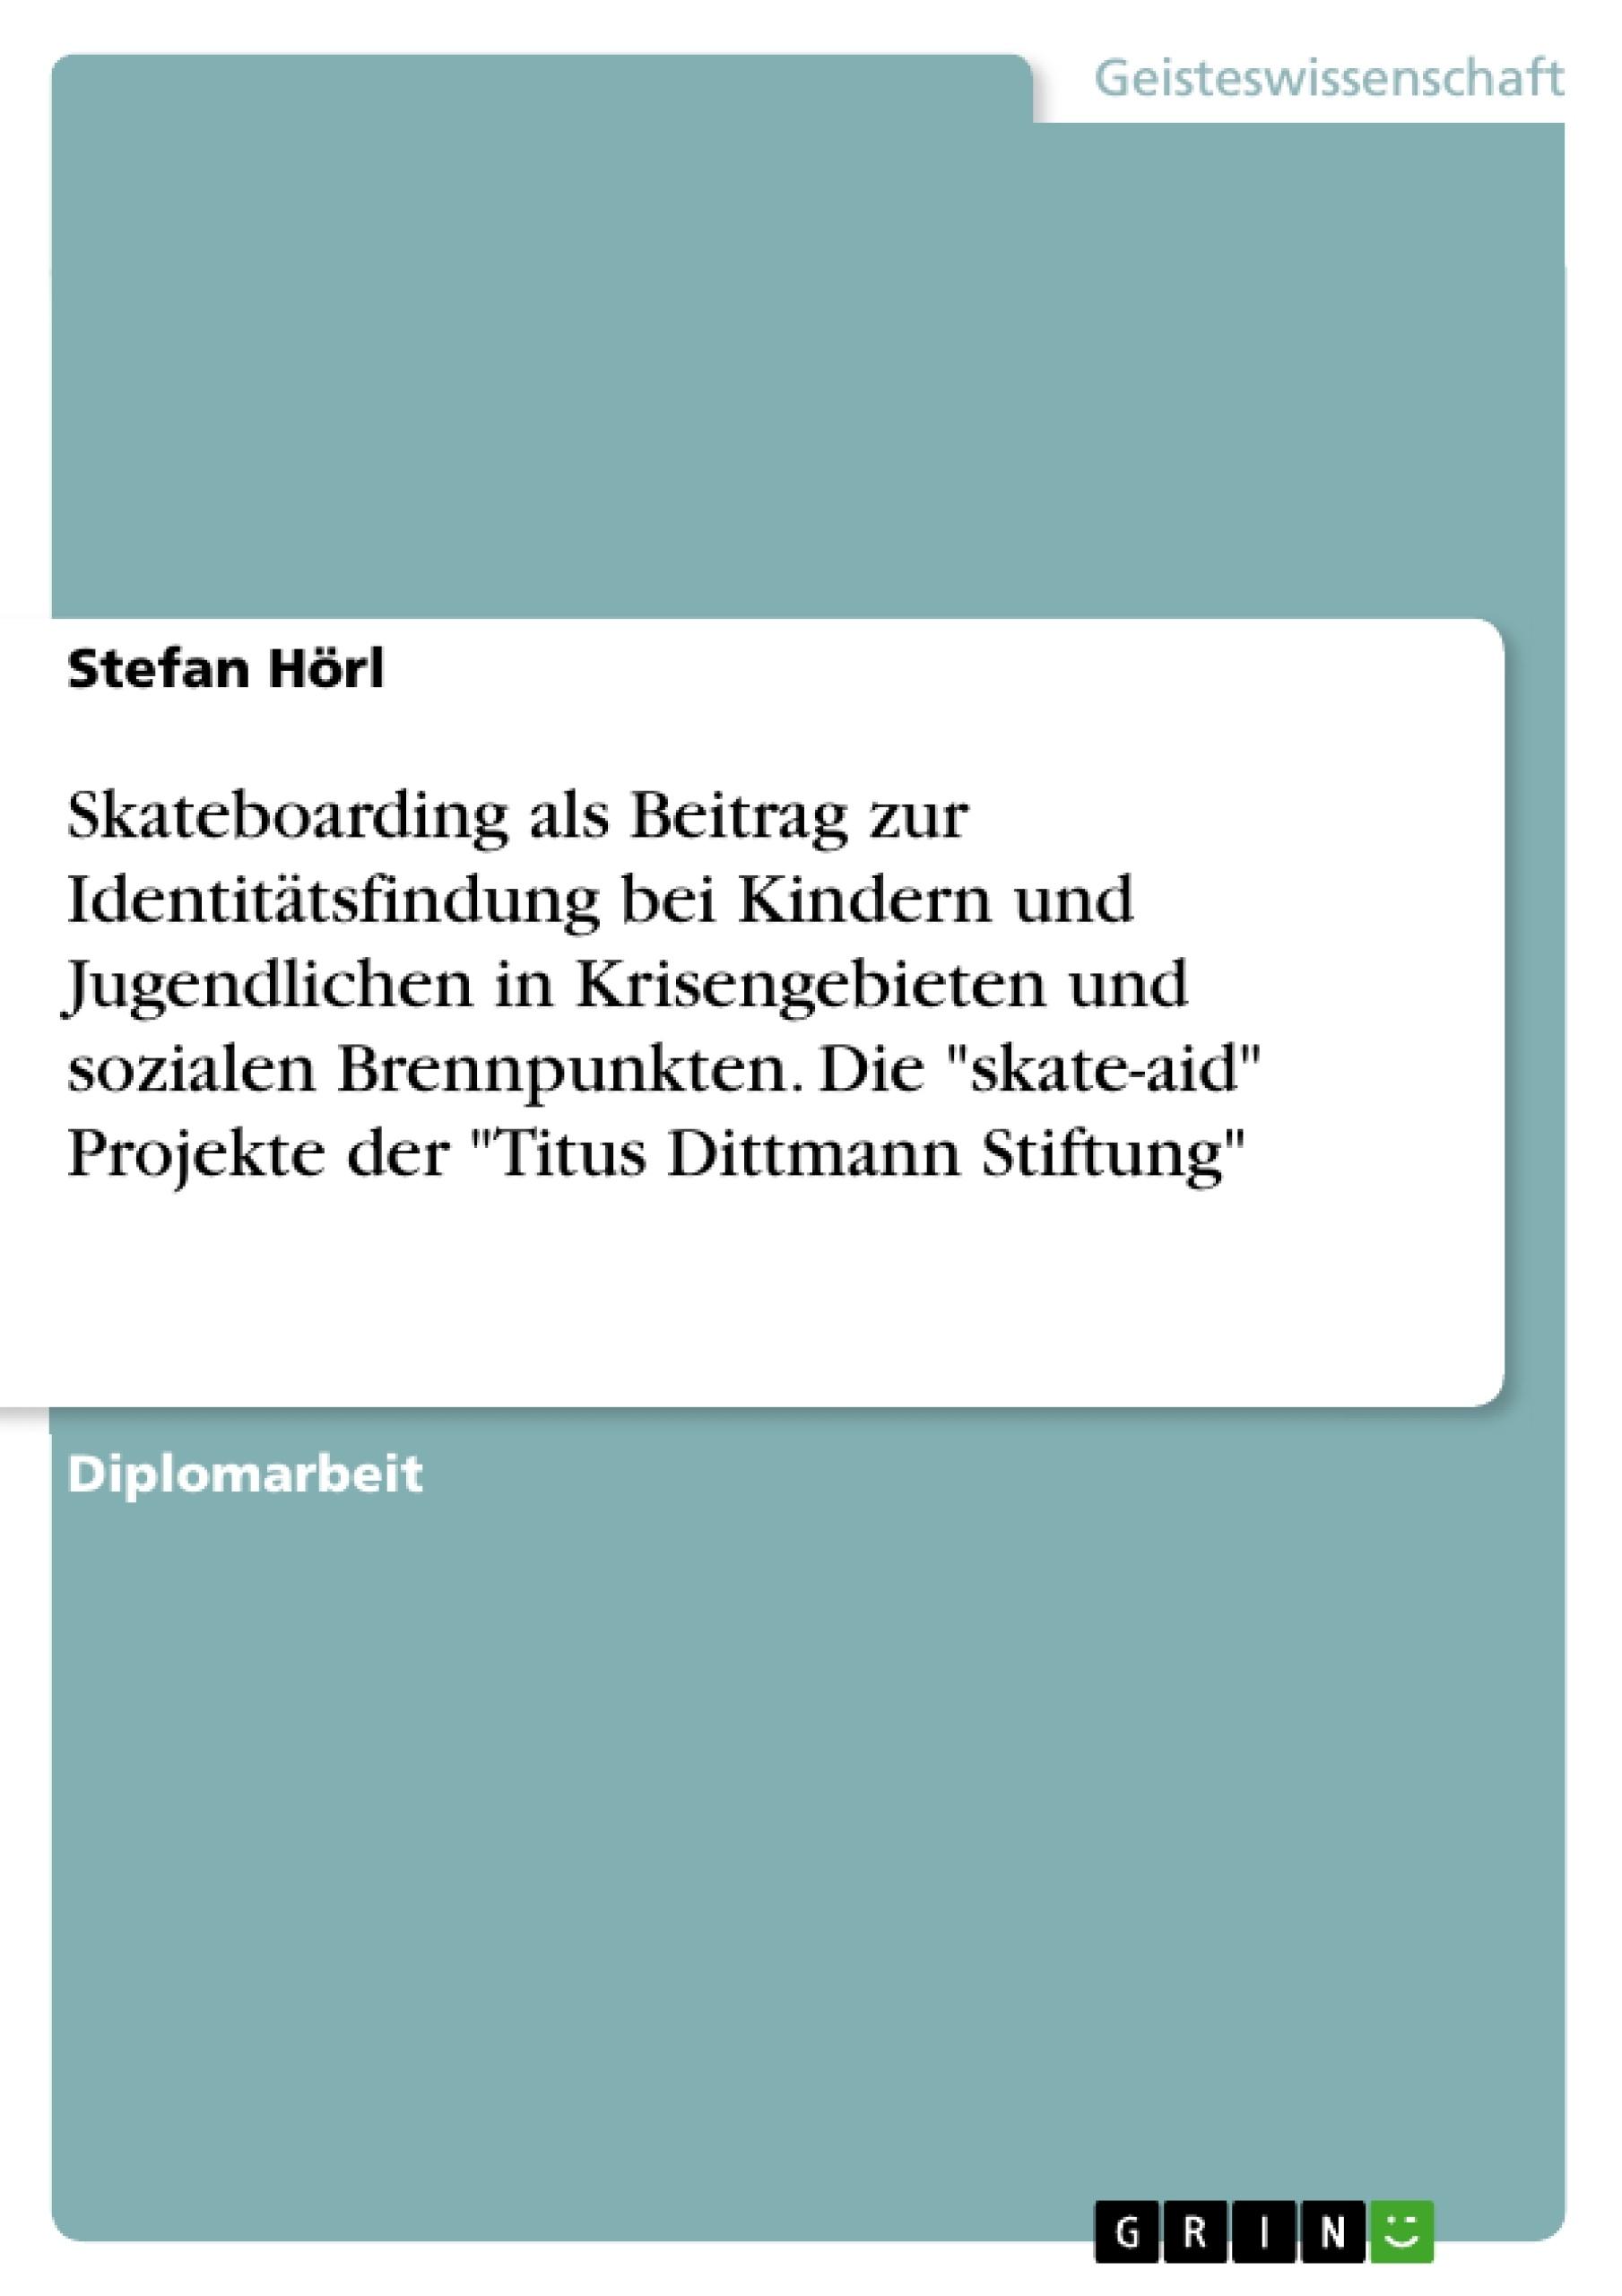 """Titel: Skateboarding als Beitrag zur Identitätsfindung bei Kindern und Jugendlichen in Krisengebieten und sozialen Brennpunkten. Die """"skate-aid"""" Projekte der """"Titus Dittmann Stiftung"""""""